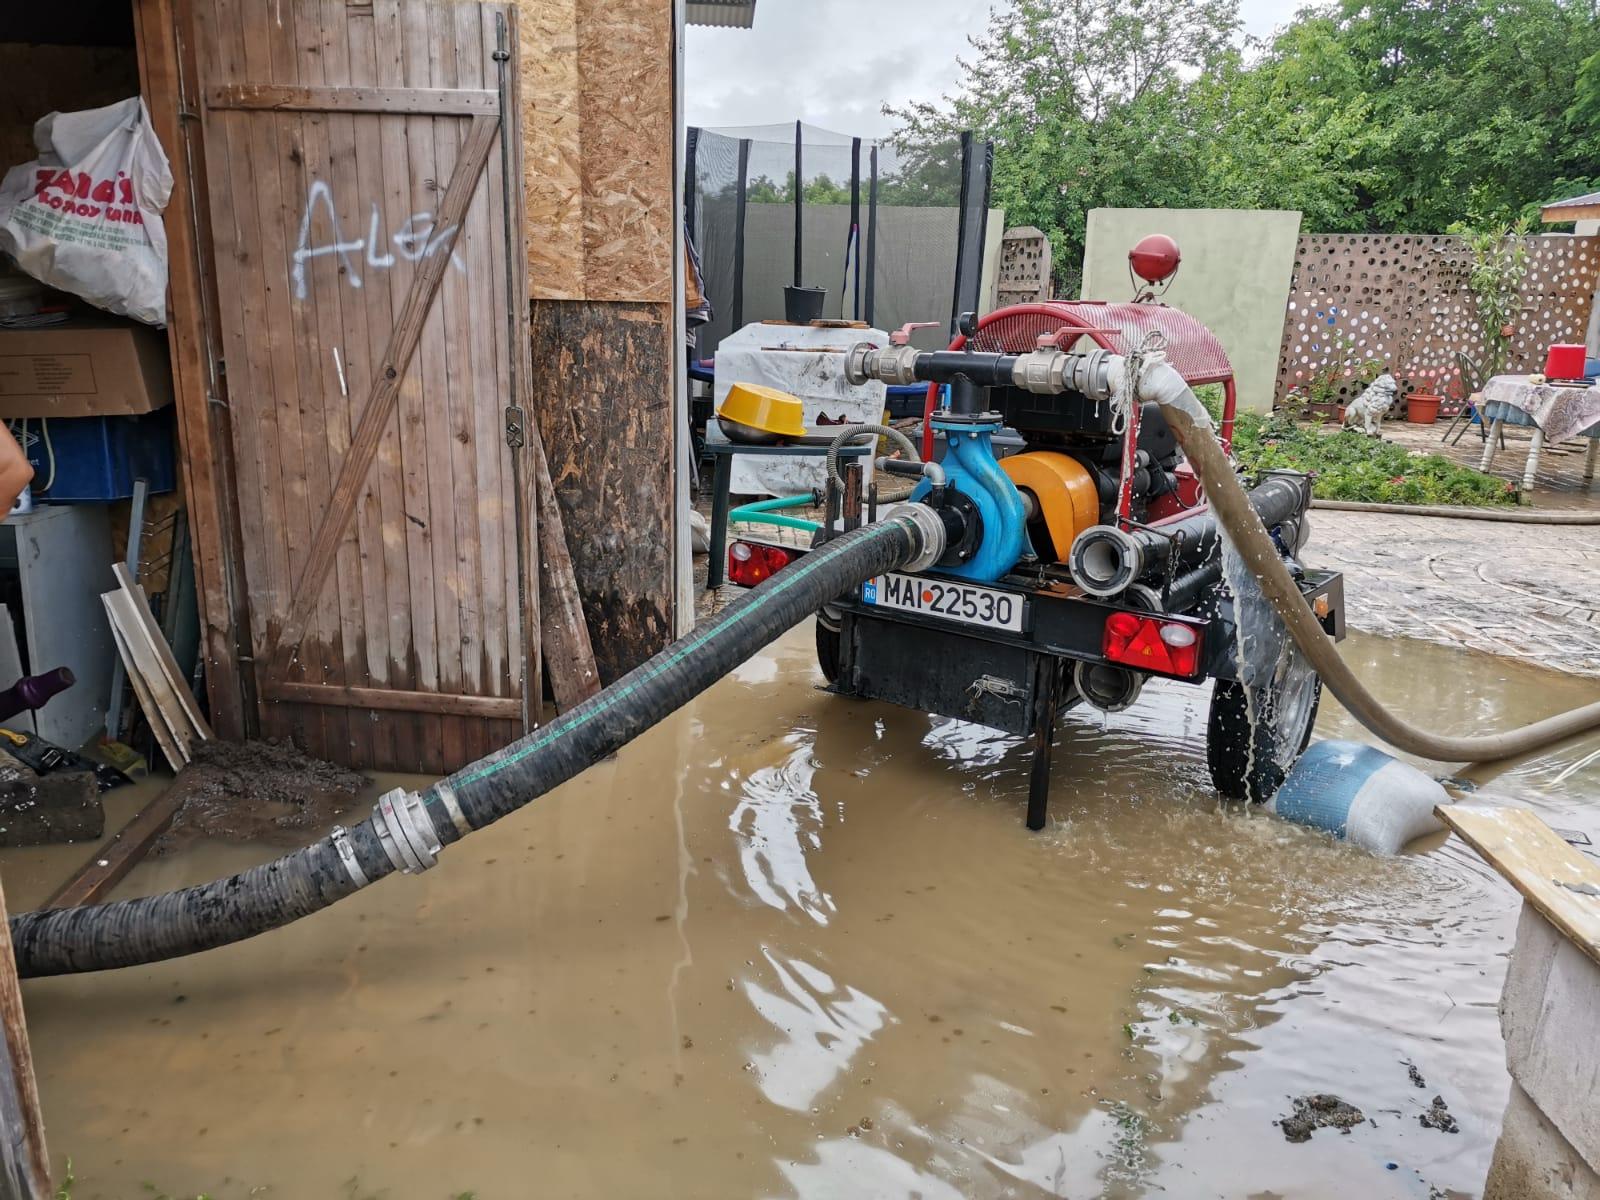 Zeci de gospodării inundate și un drum impracticabil, în urma inundațiilor produse miercuri spre joi noaptea